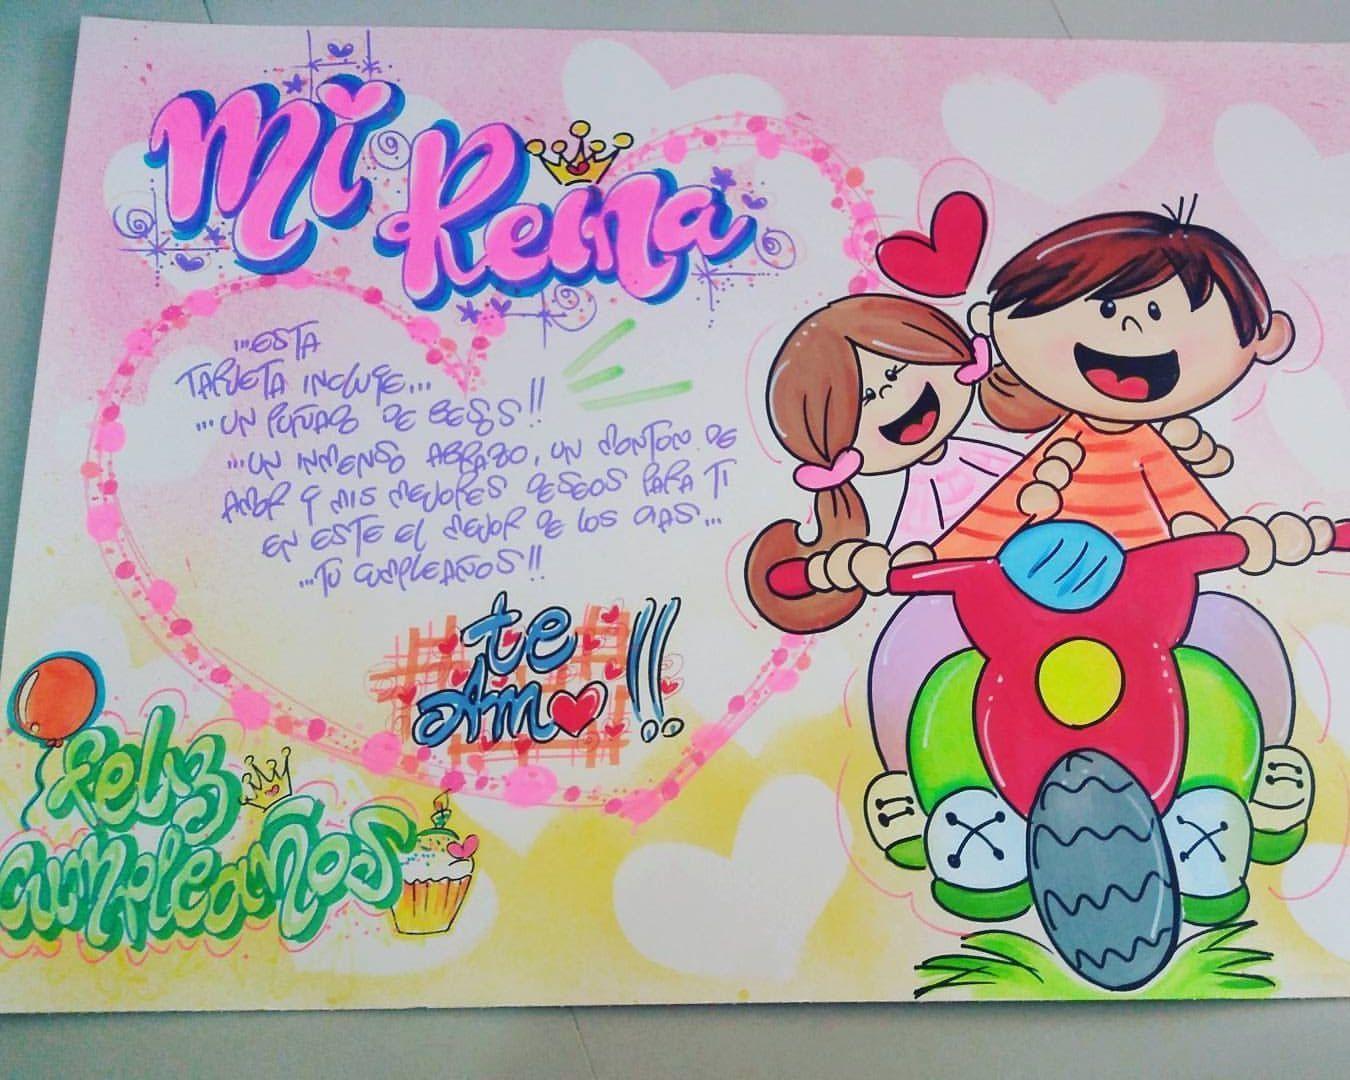 Cuaderno Letra Timoteo #ideas #frases #decoracion #manualidades  #manualidadesdecoracion   Carta de amor manualidades, Tarjetas, Regalos  creativos